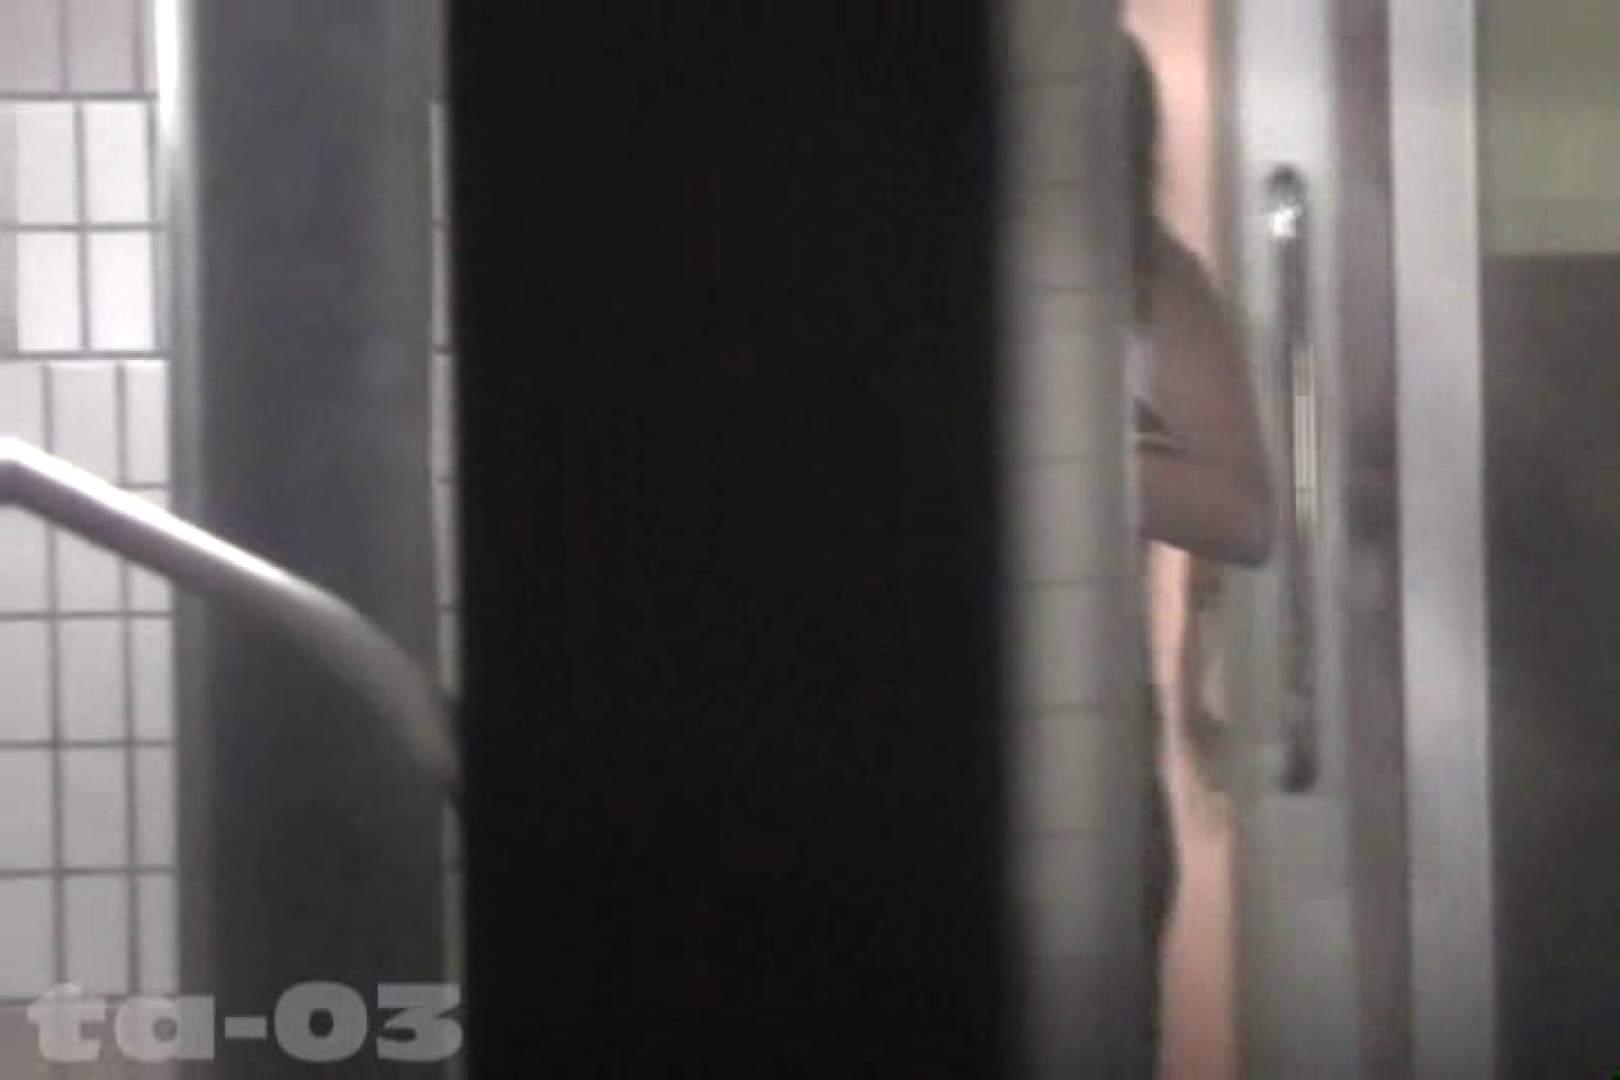 合宿ホテル女風呂盗撮高画質版 Vol.03 高画質 セックス無修正動画無料 71pic 70